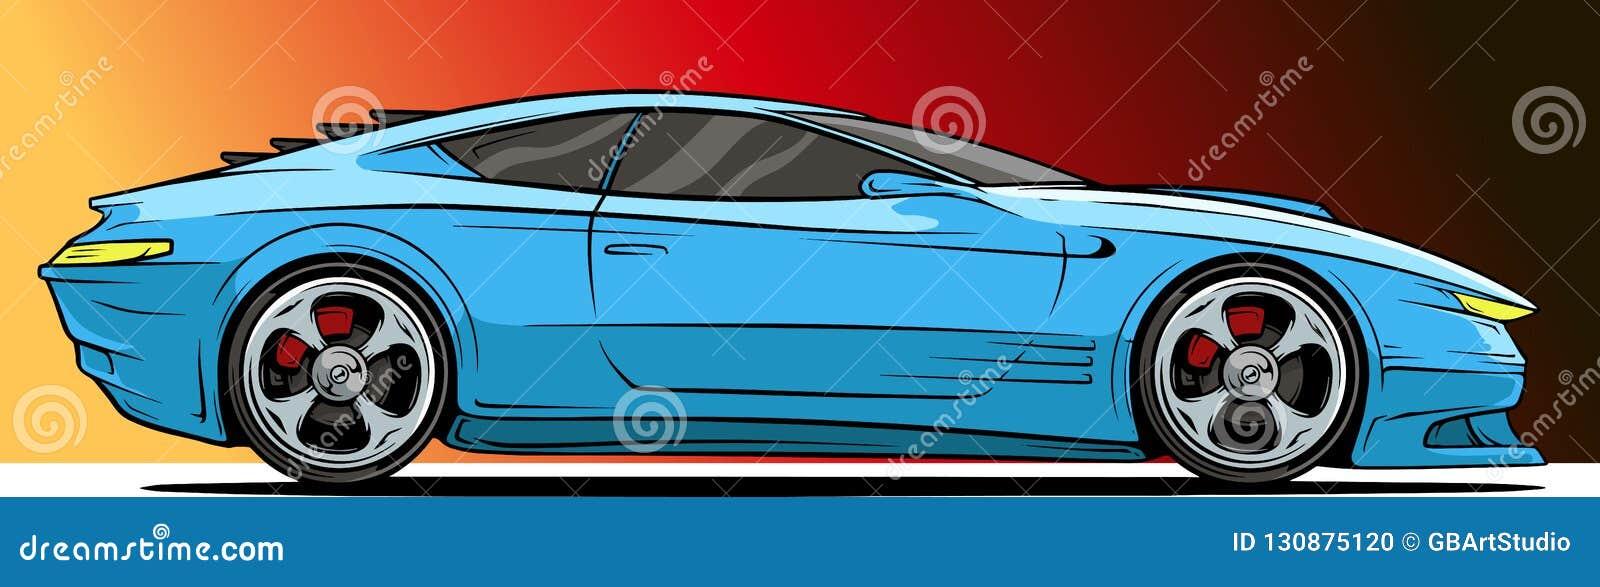 Cartoon cool modern blue sport racing car